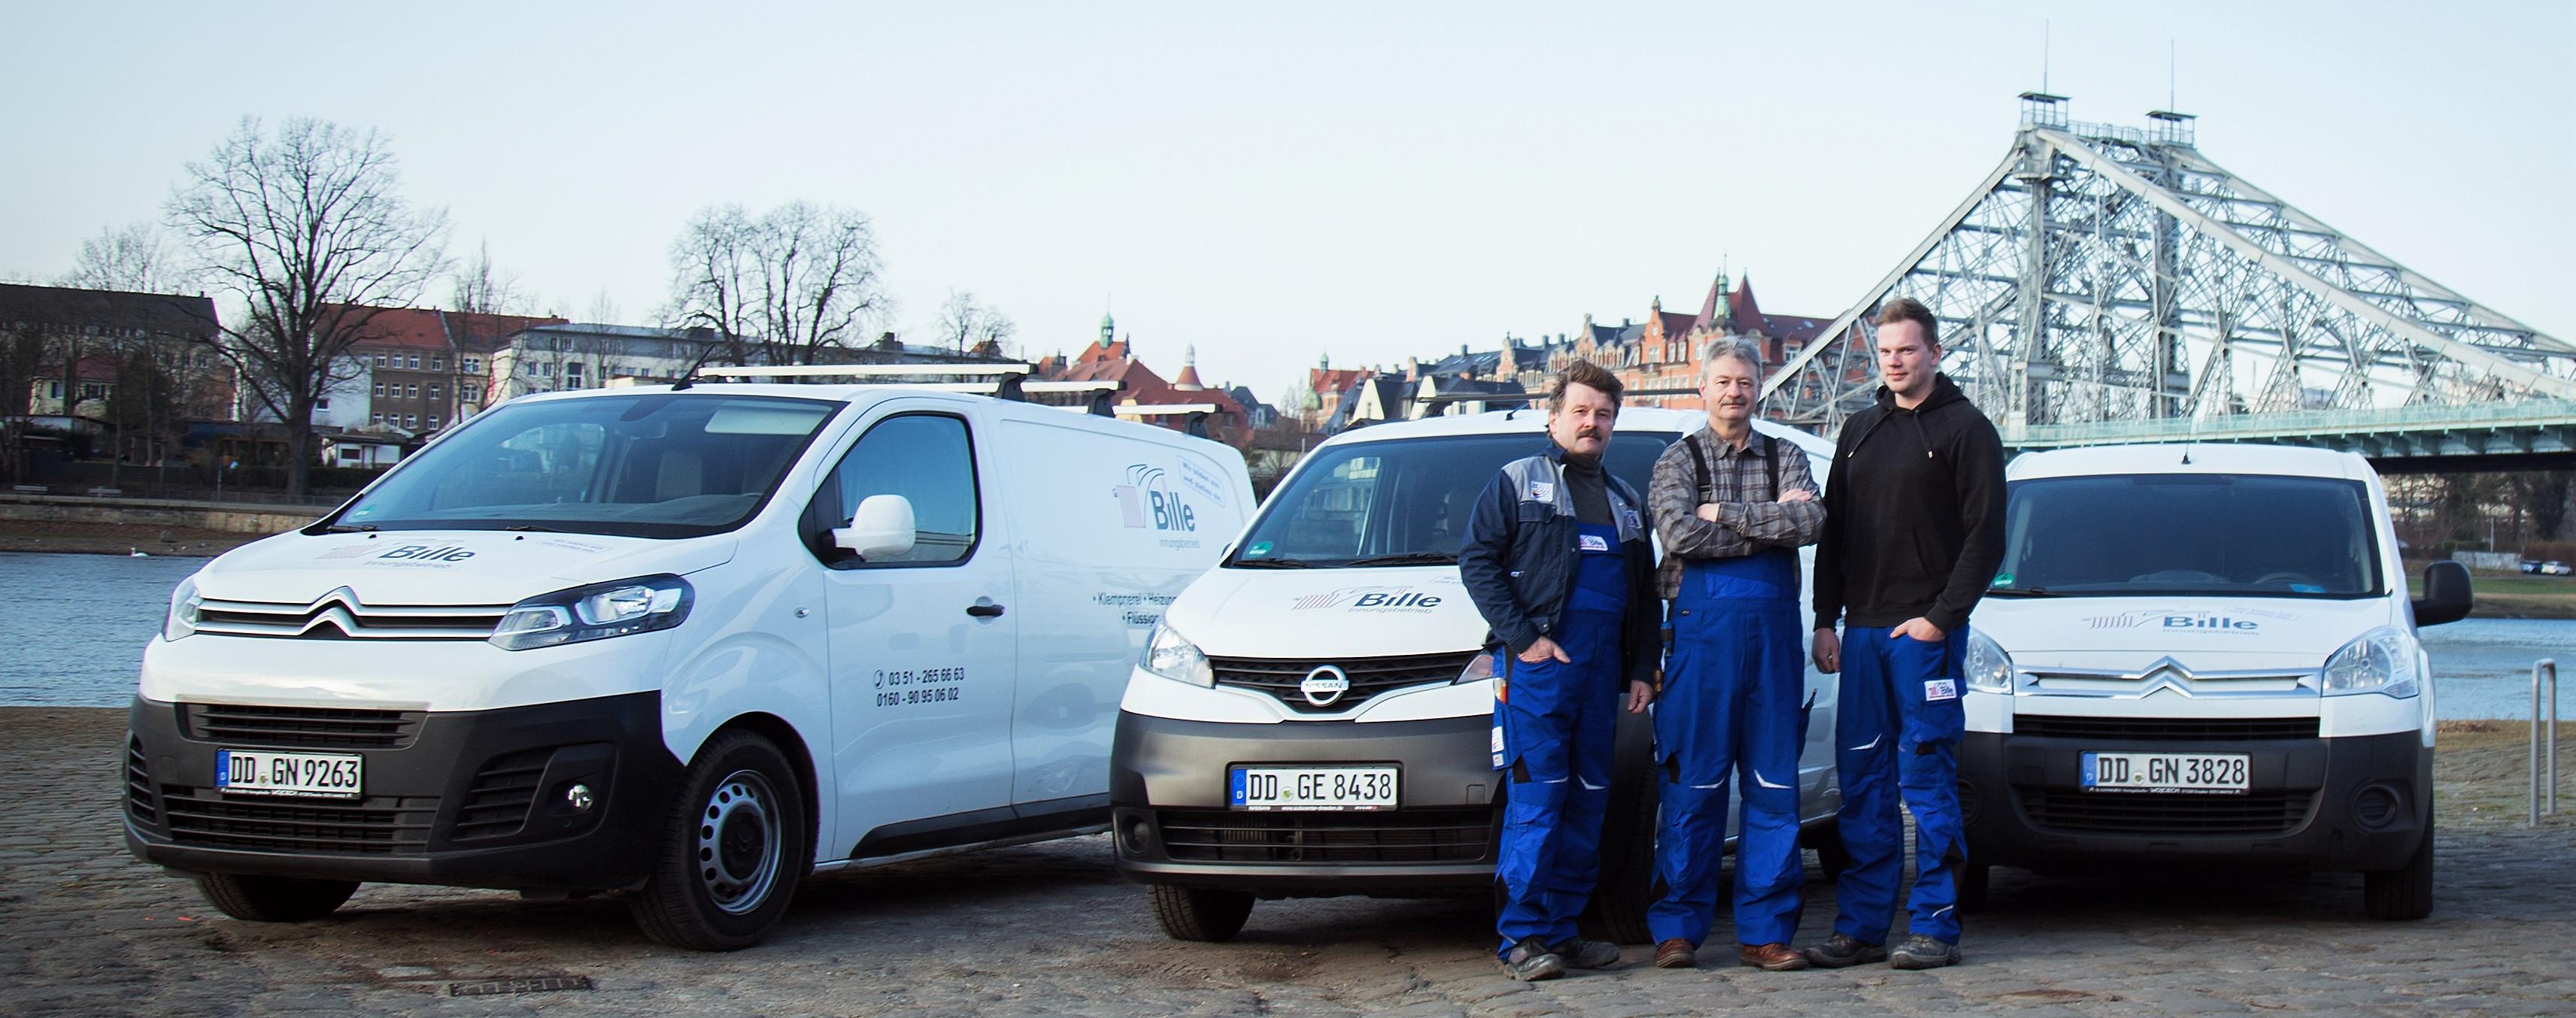 Meister Bille und Team vor blauem Wunder Dresden